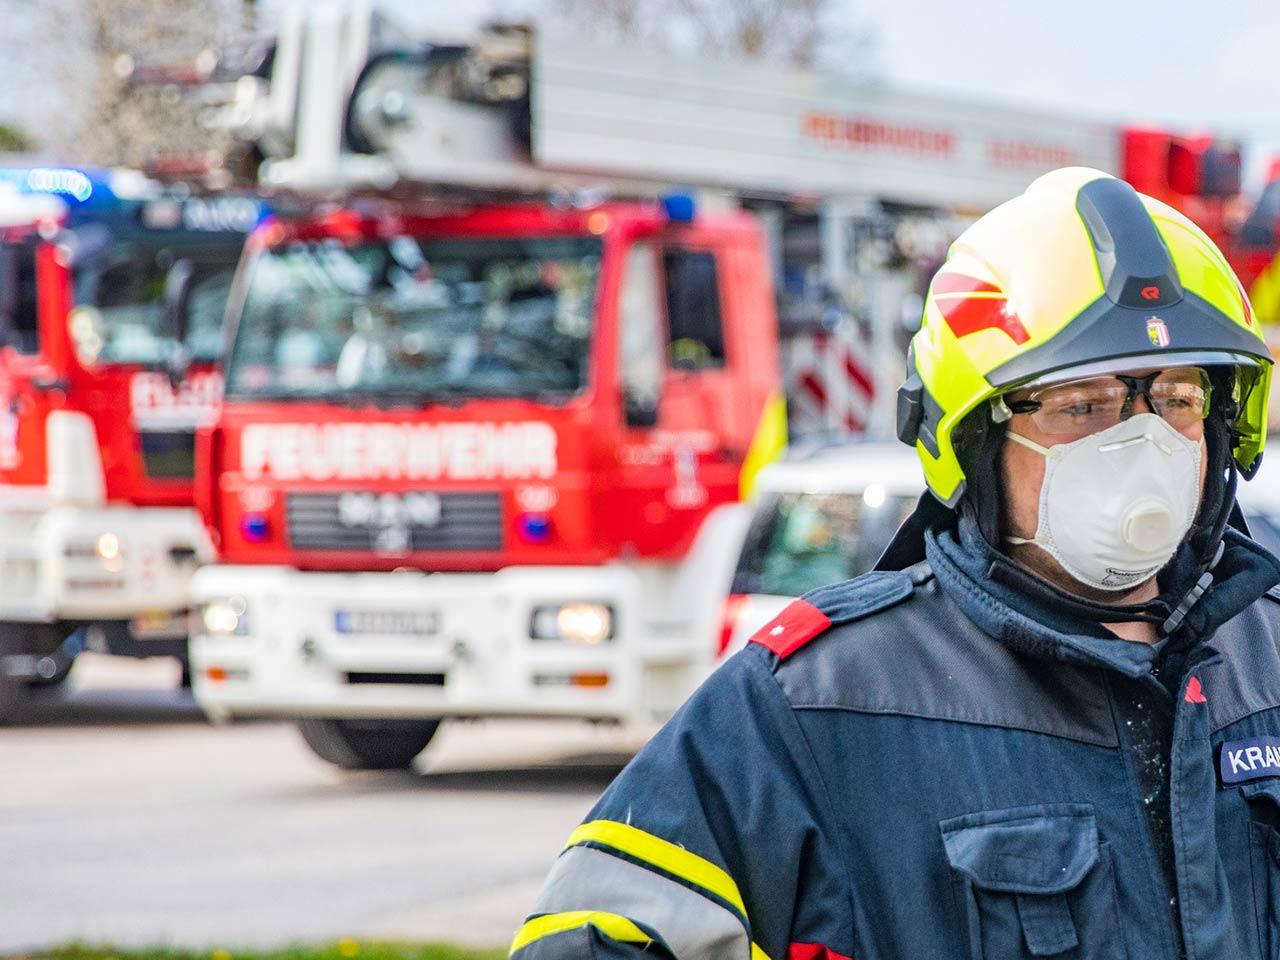 Fachempfehlung des VdF NRW zur Durchführung von Lehrgängen und Übungsdiensten Freiwilliger Feuerwehren während der fortdauernden Covid-19-Pandemie